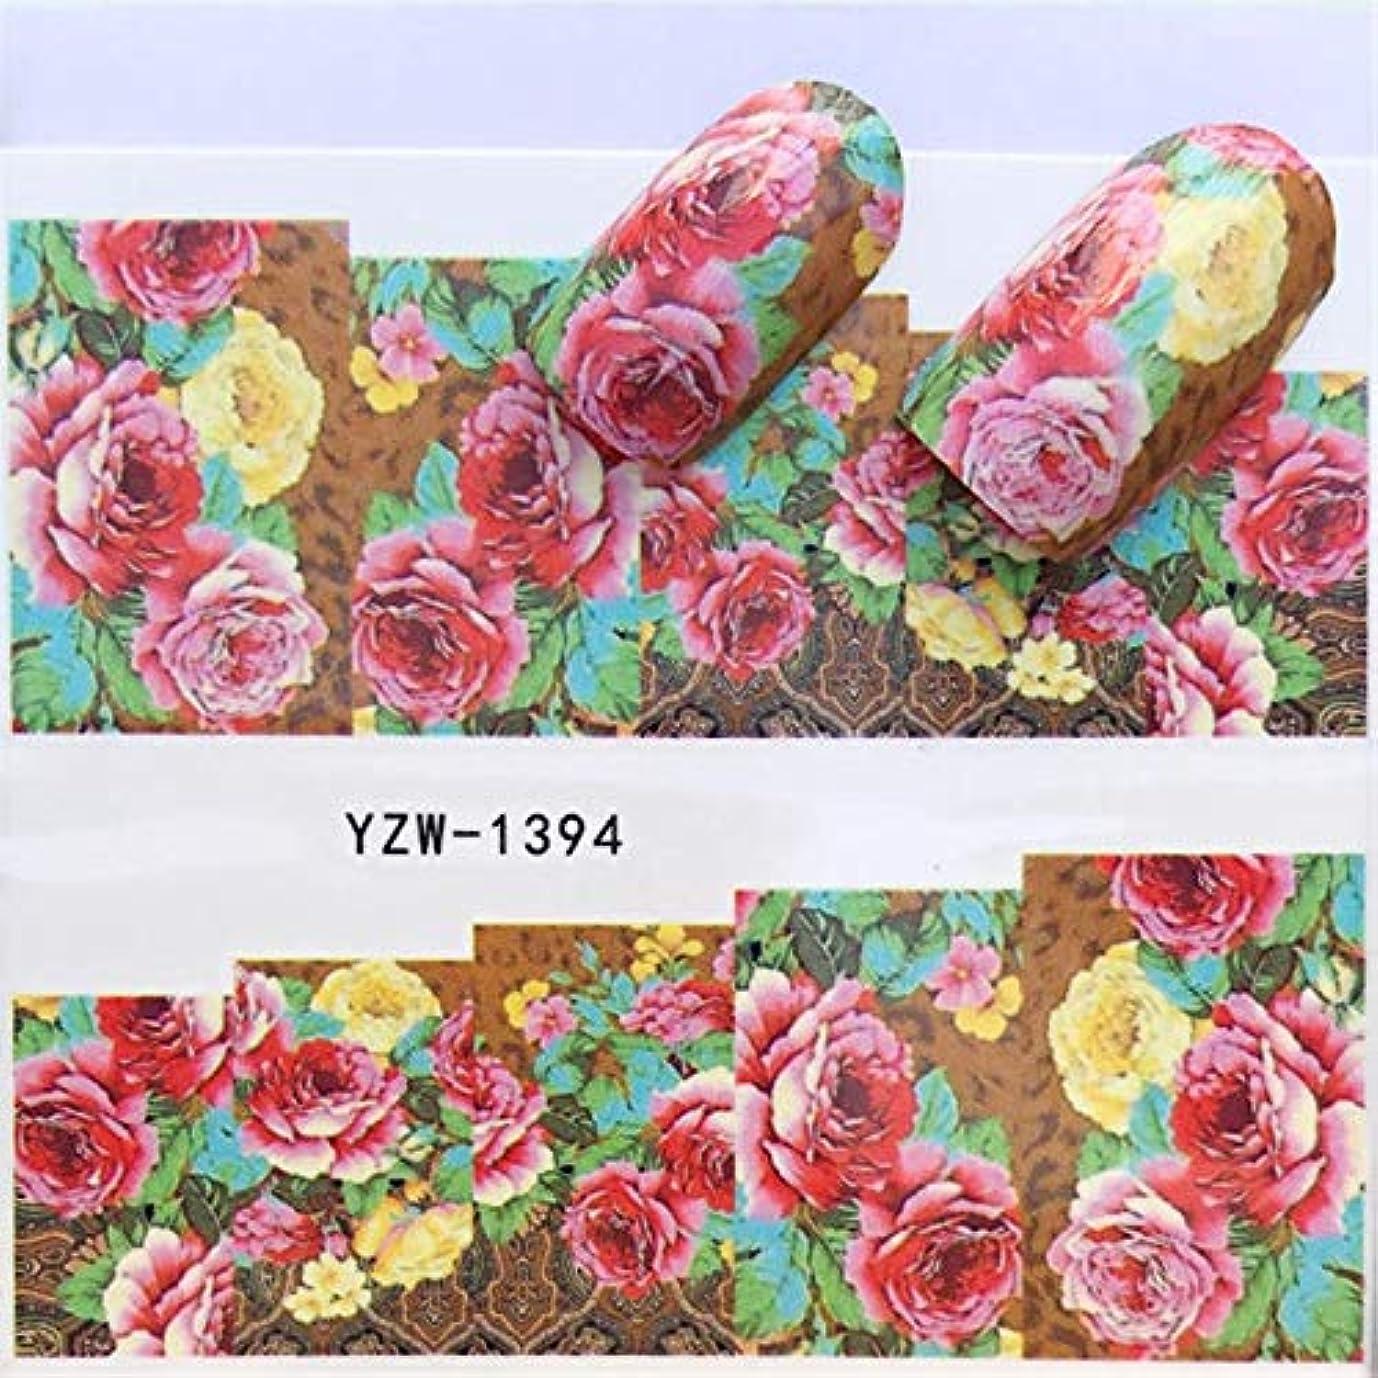 時刻表エキスパート火山のSUKTI&XIAO ネイルステッカー マニキュアの装飾、Yzw-1394のための1 PCの紫色の花の釘水ステッカーの多彩な花の釘の芸術の移動のステッカー